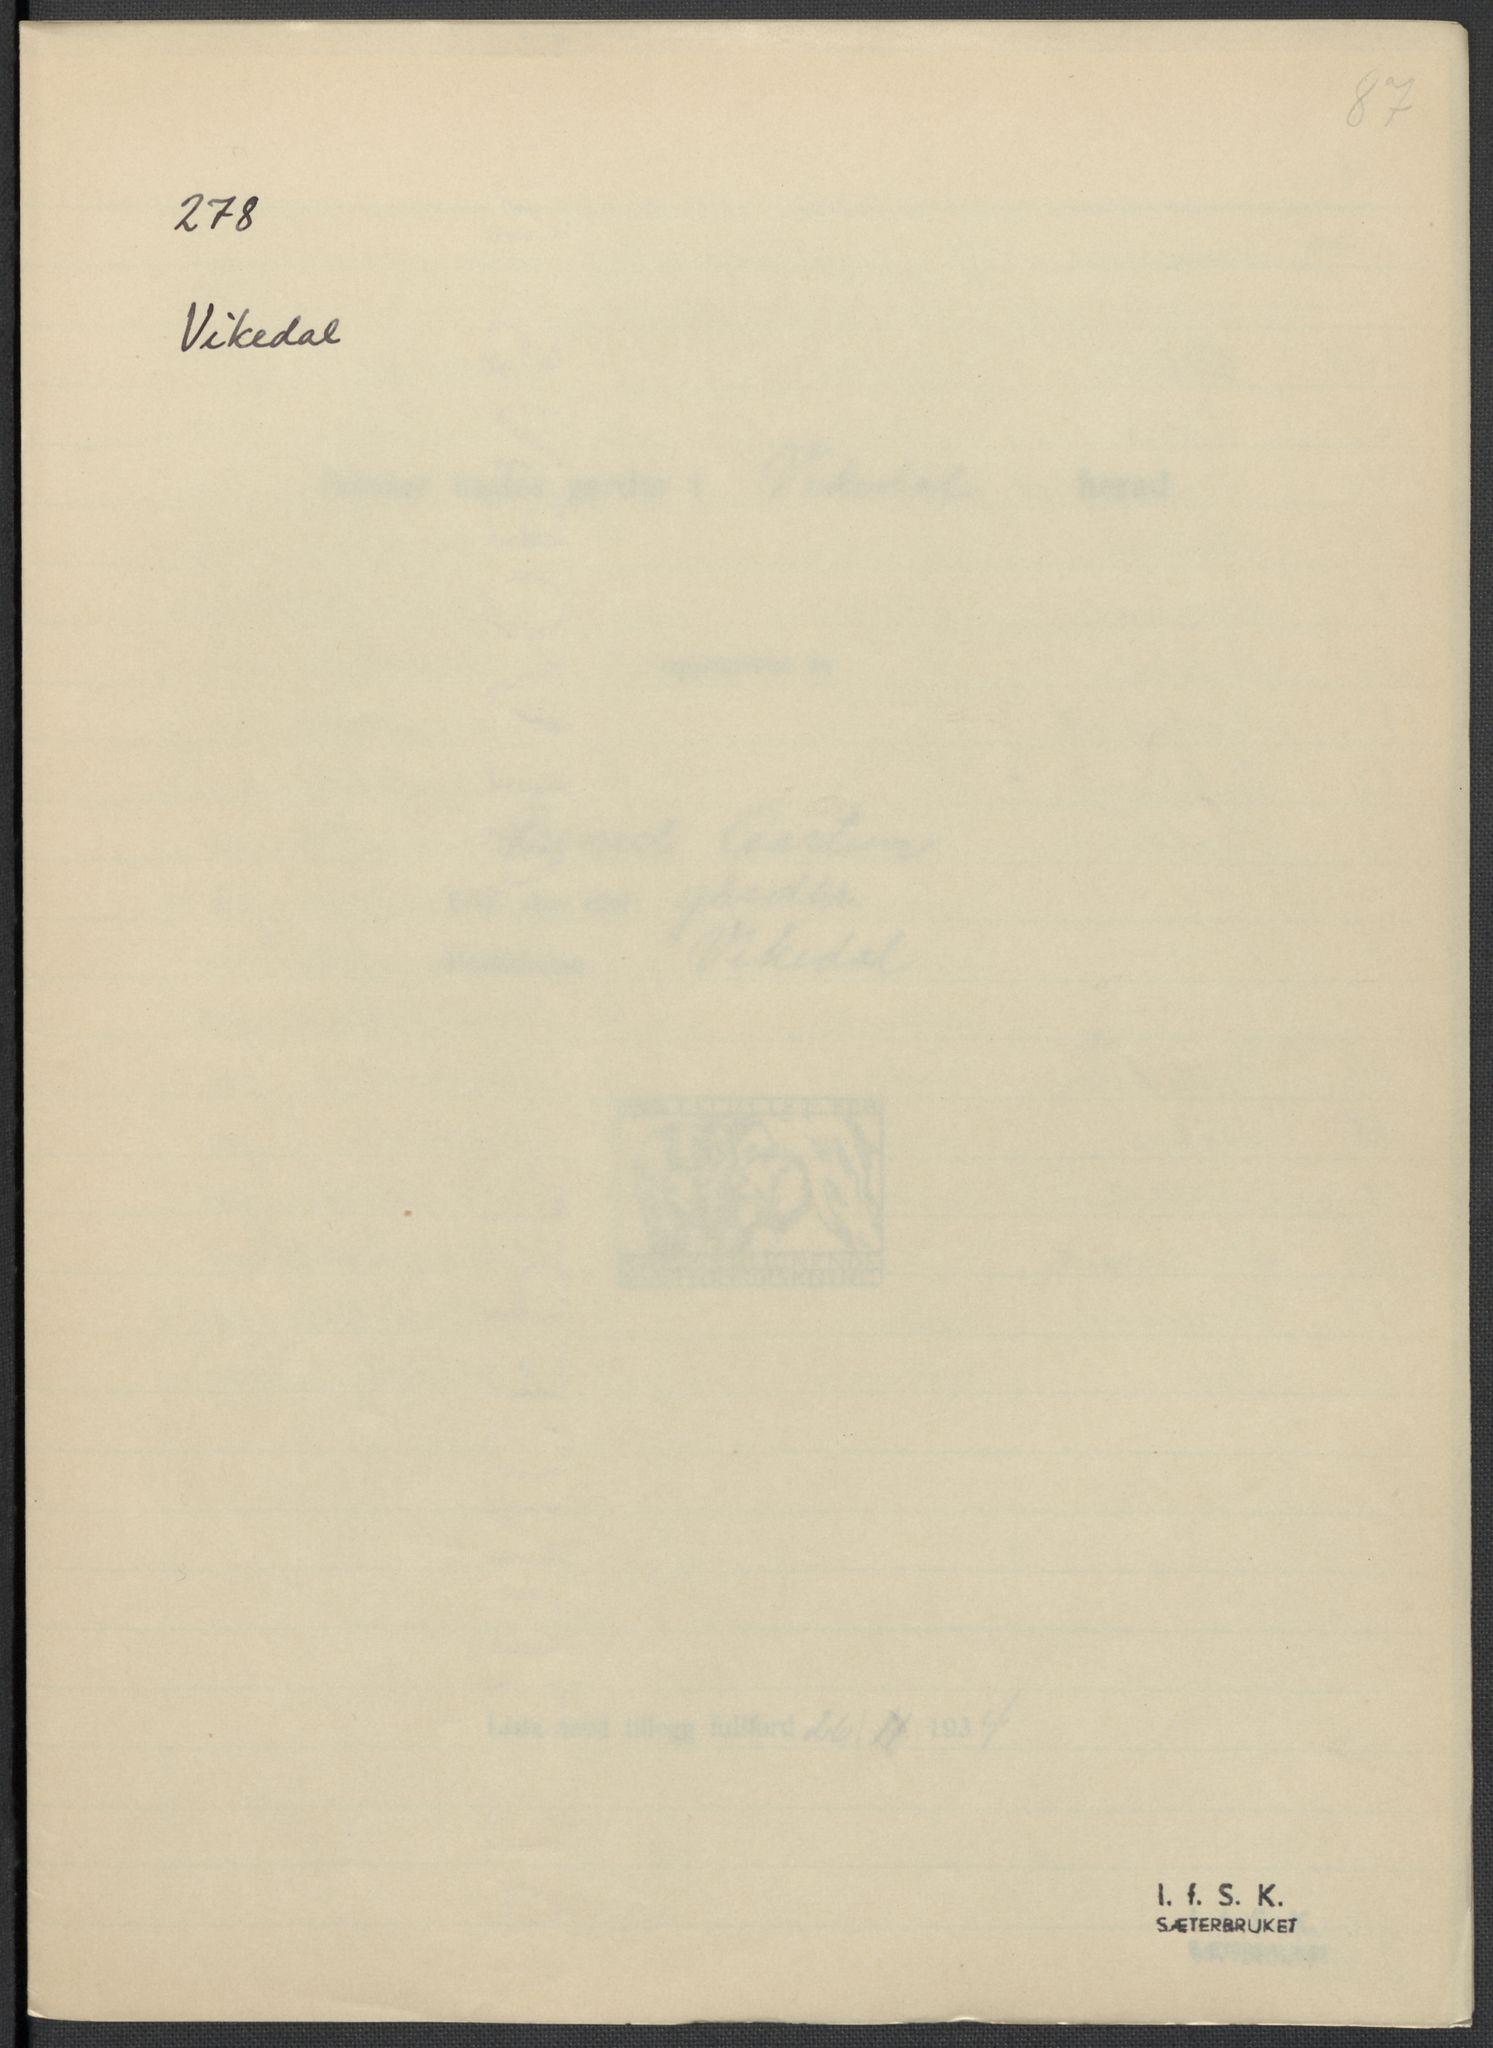 RA, Instituttet for sammenlignende kulturforskning, F/Fc/L0009: Eske B9:, 1932-1935, s. 87